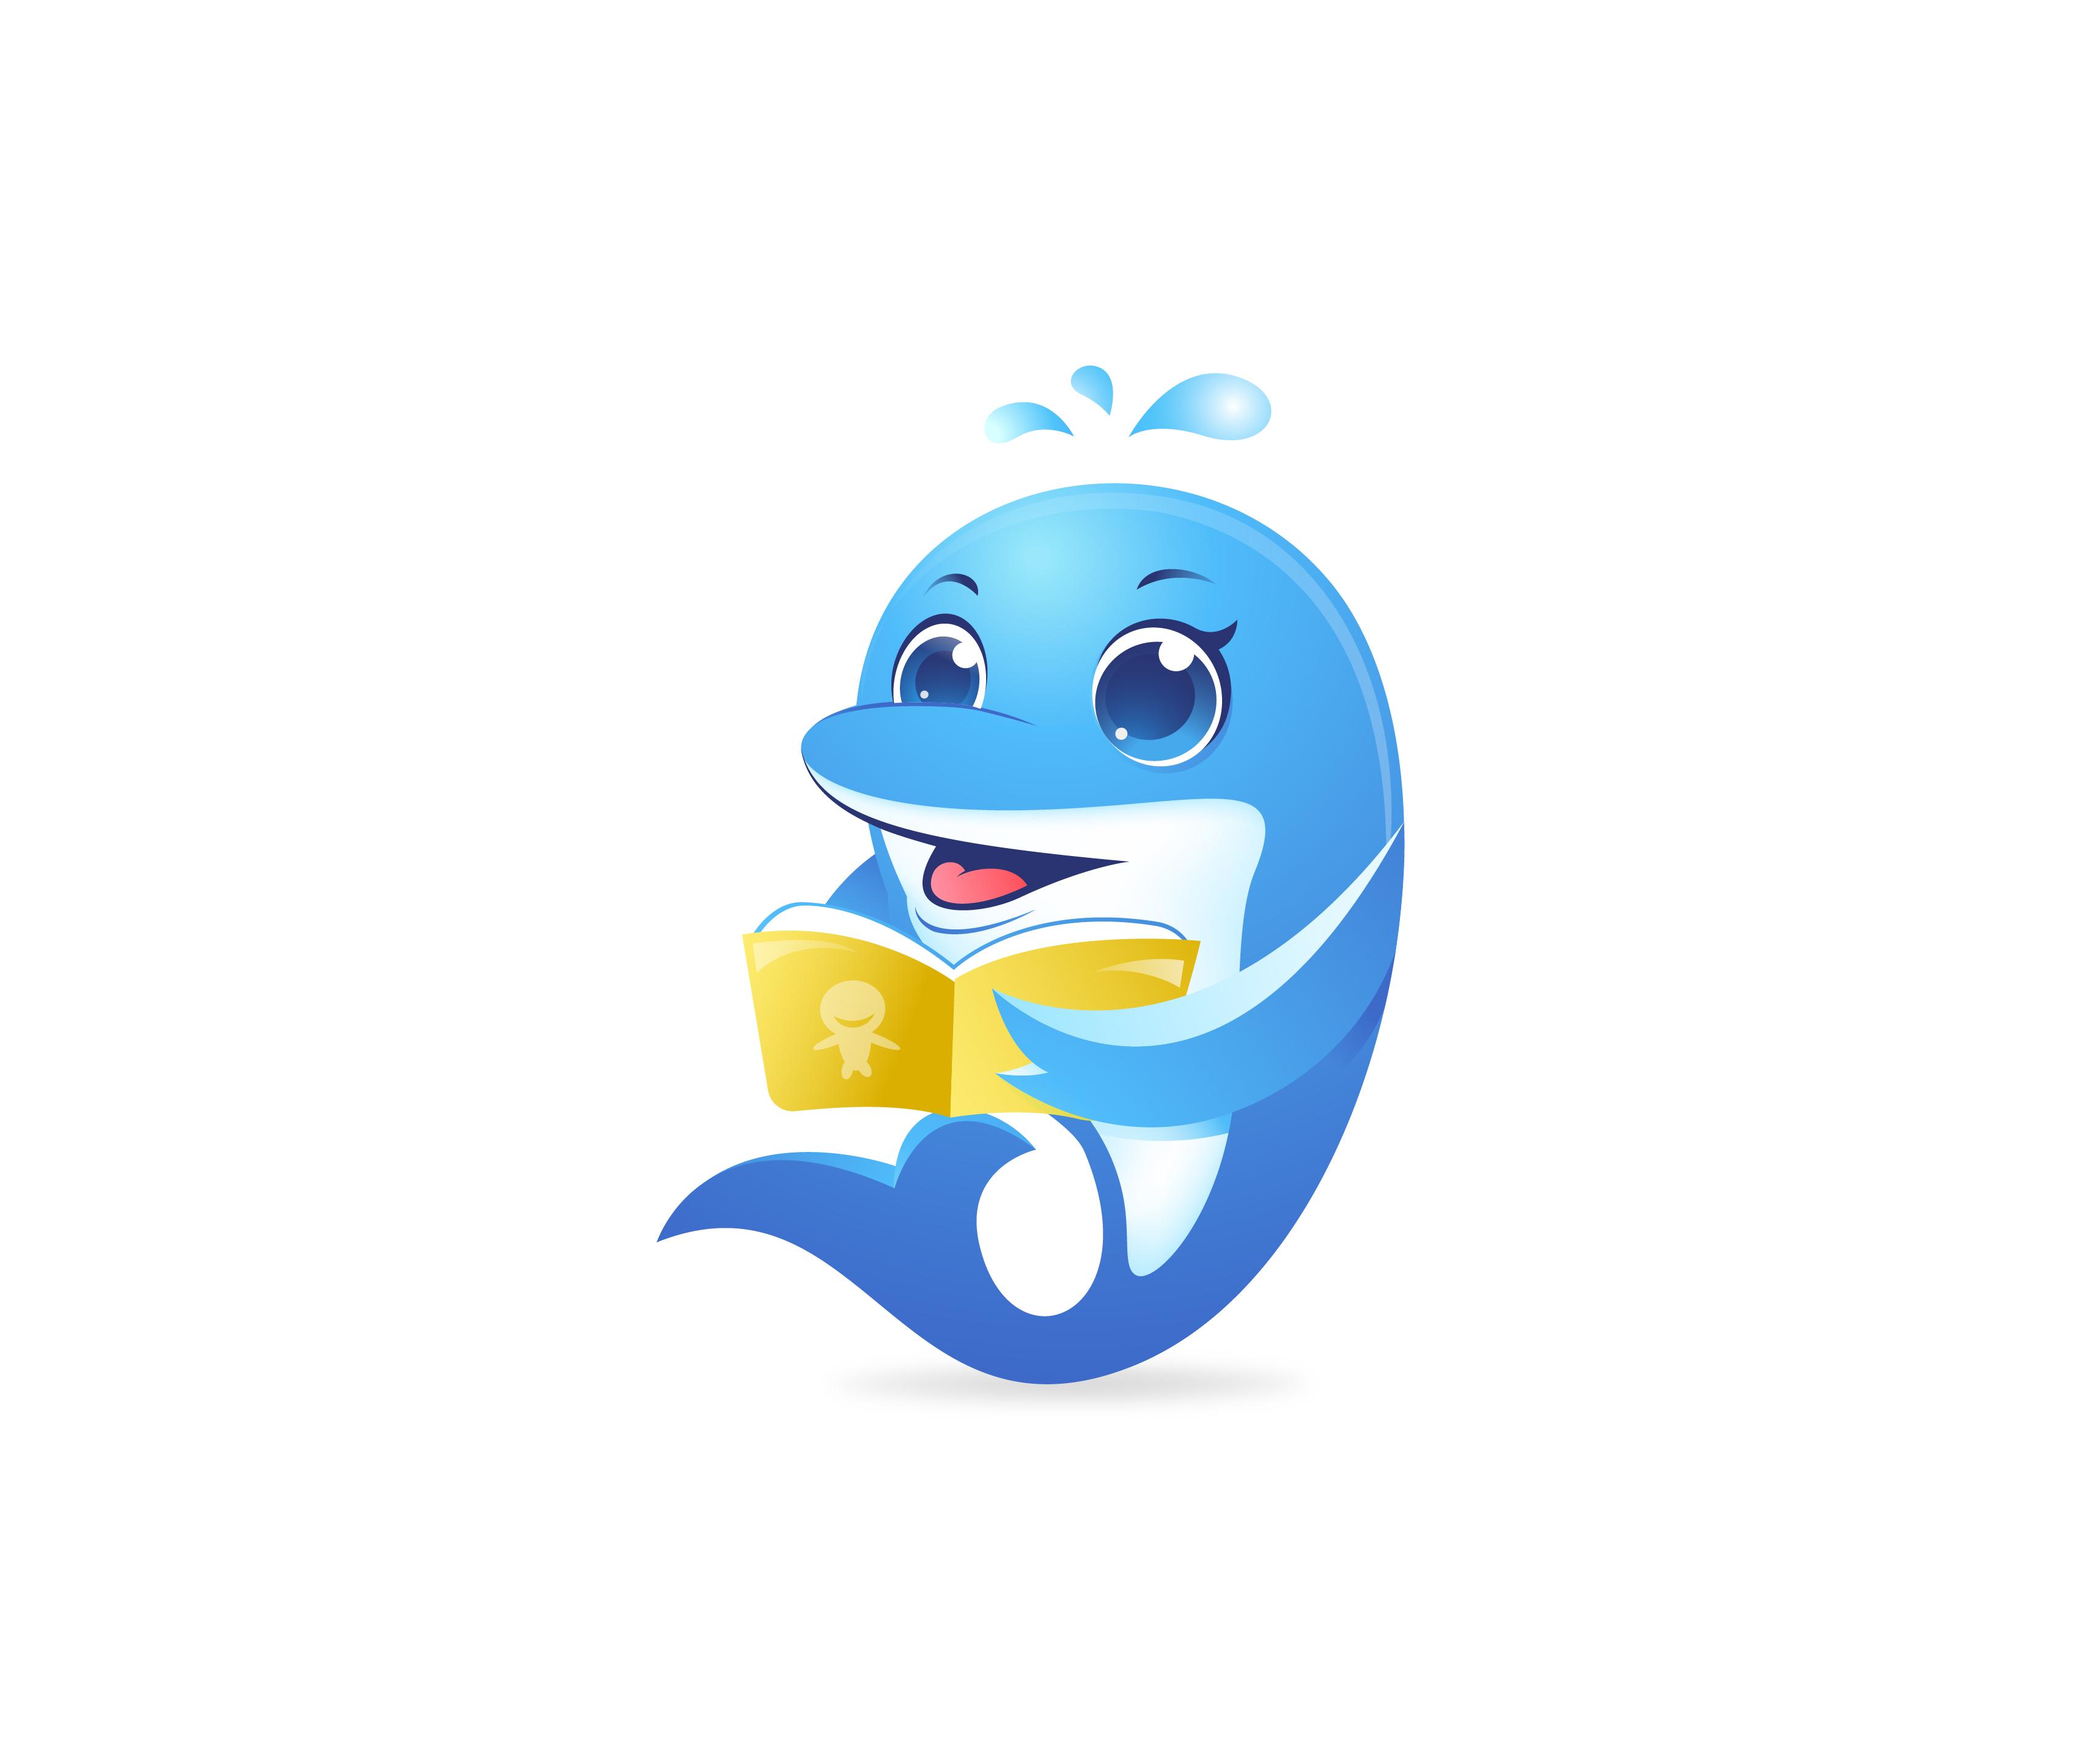 海豚托育園_畫板 1 副本 5.jpg